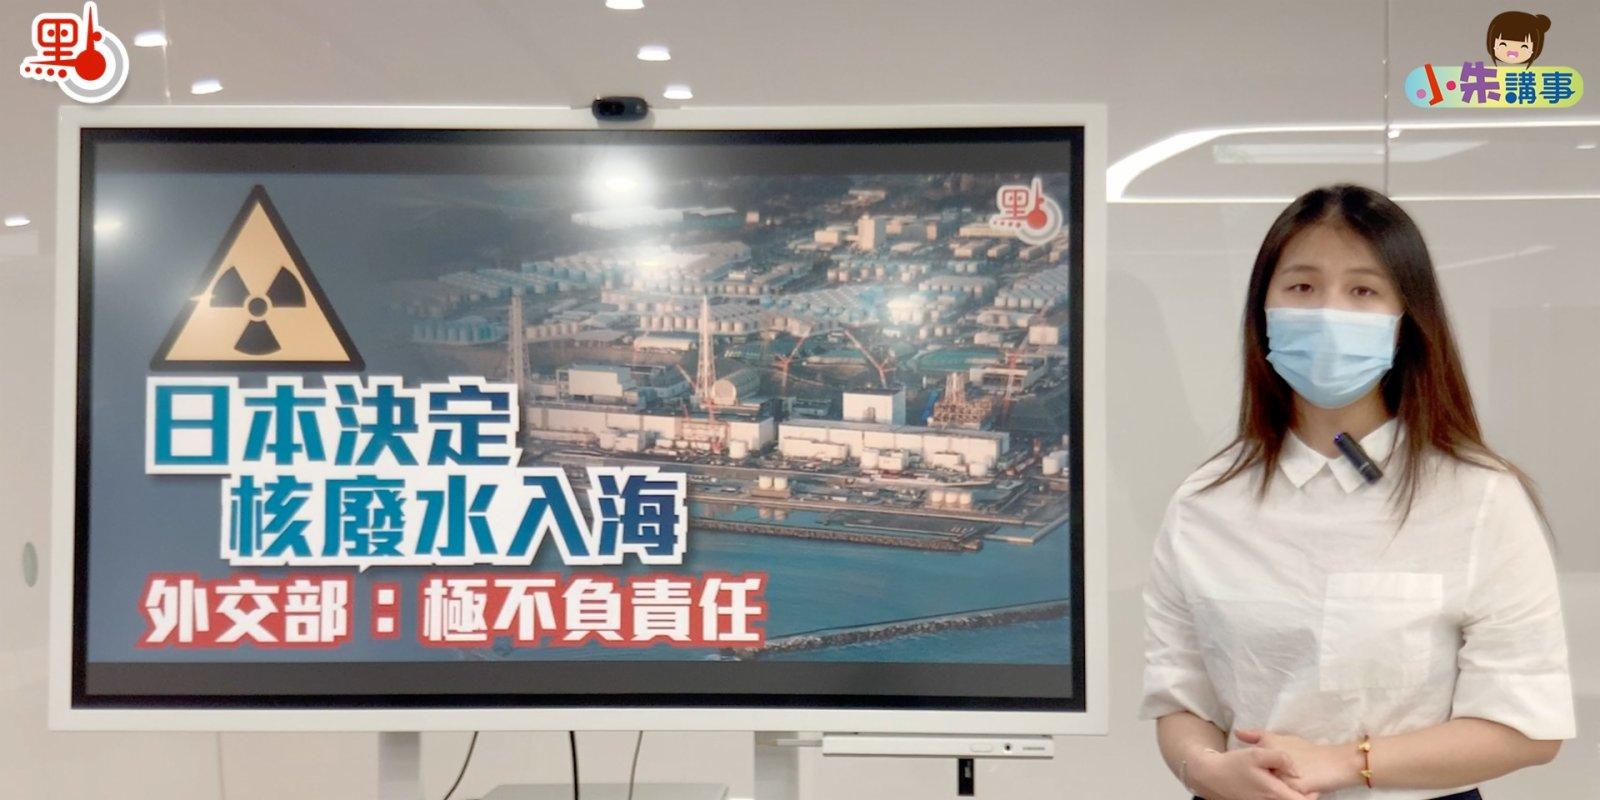 小朱講事|日本排廢水將成全球公敵?再有5攬炒區員走佬